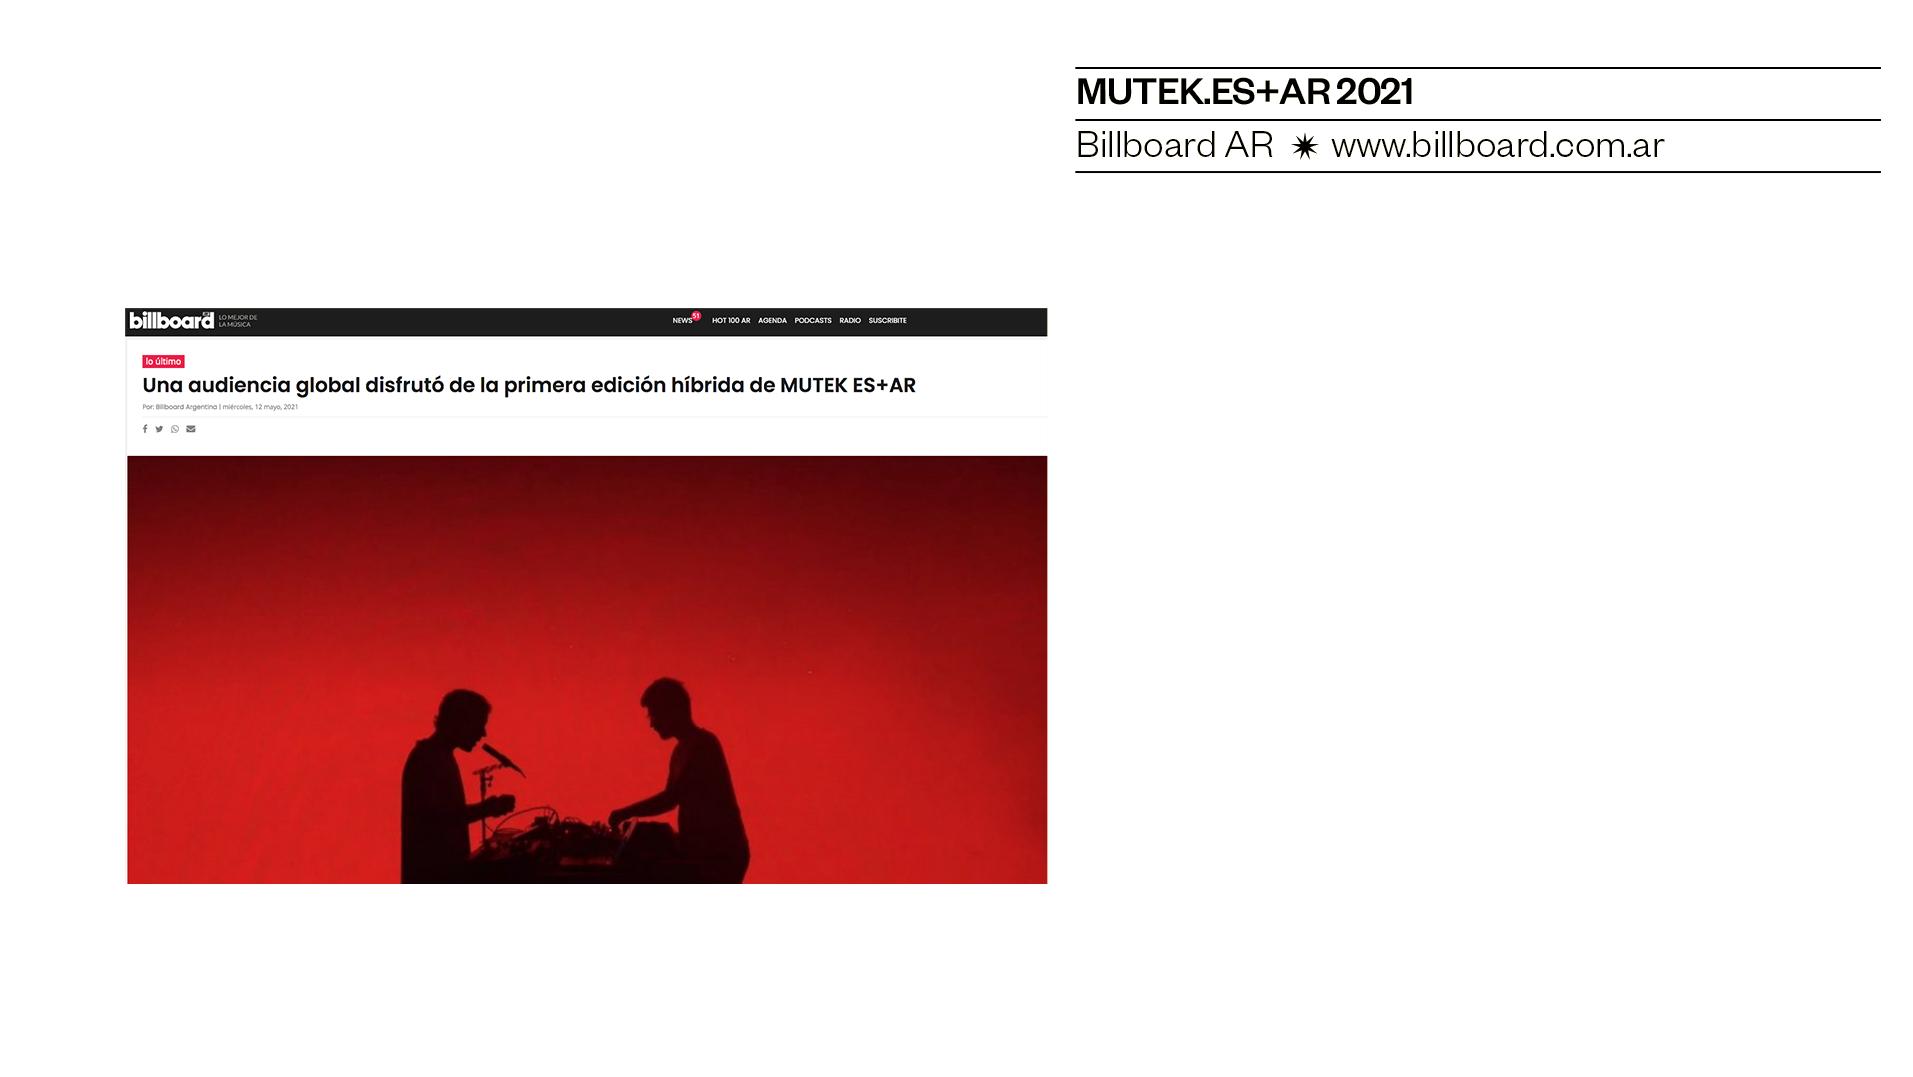 Captura-de-pantalla-2021-06-07-a-las-14.06.04